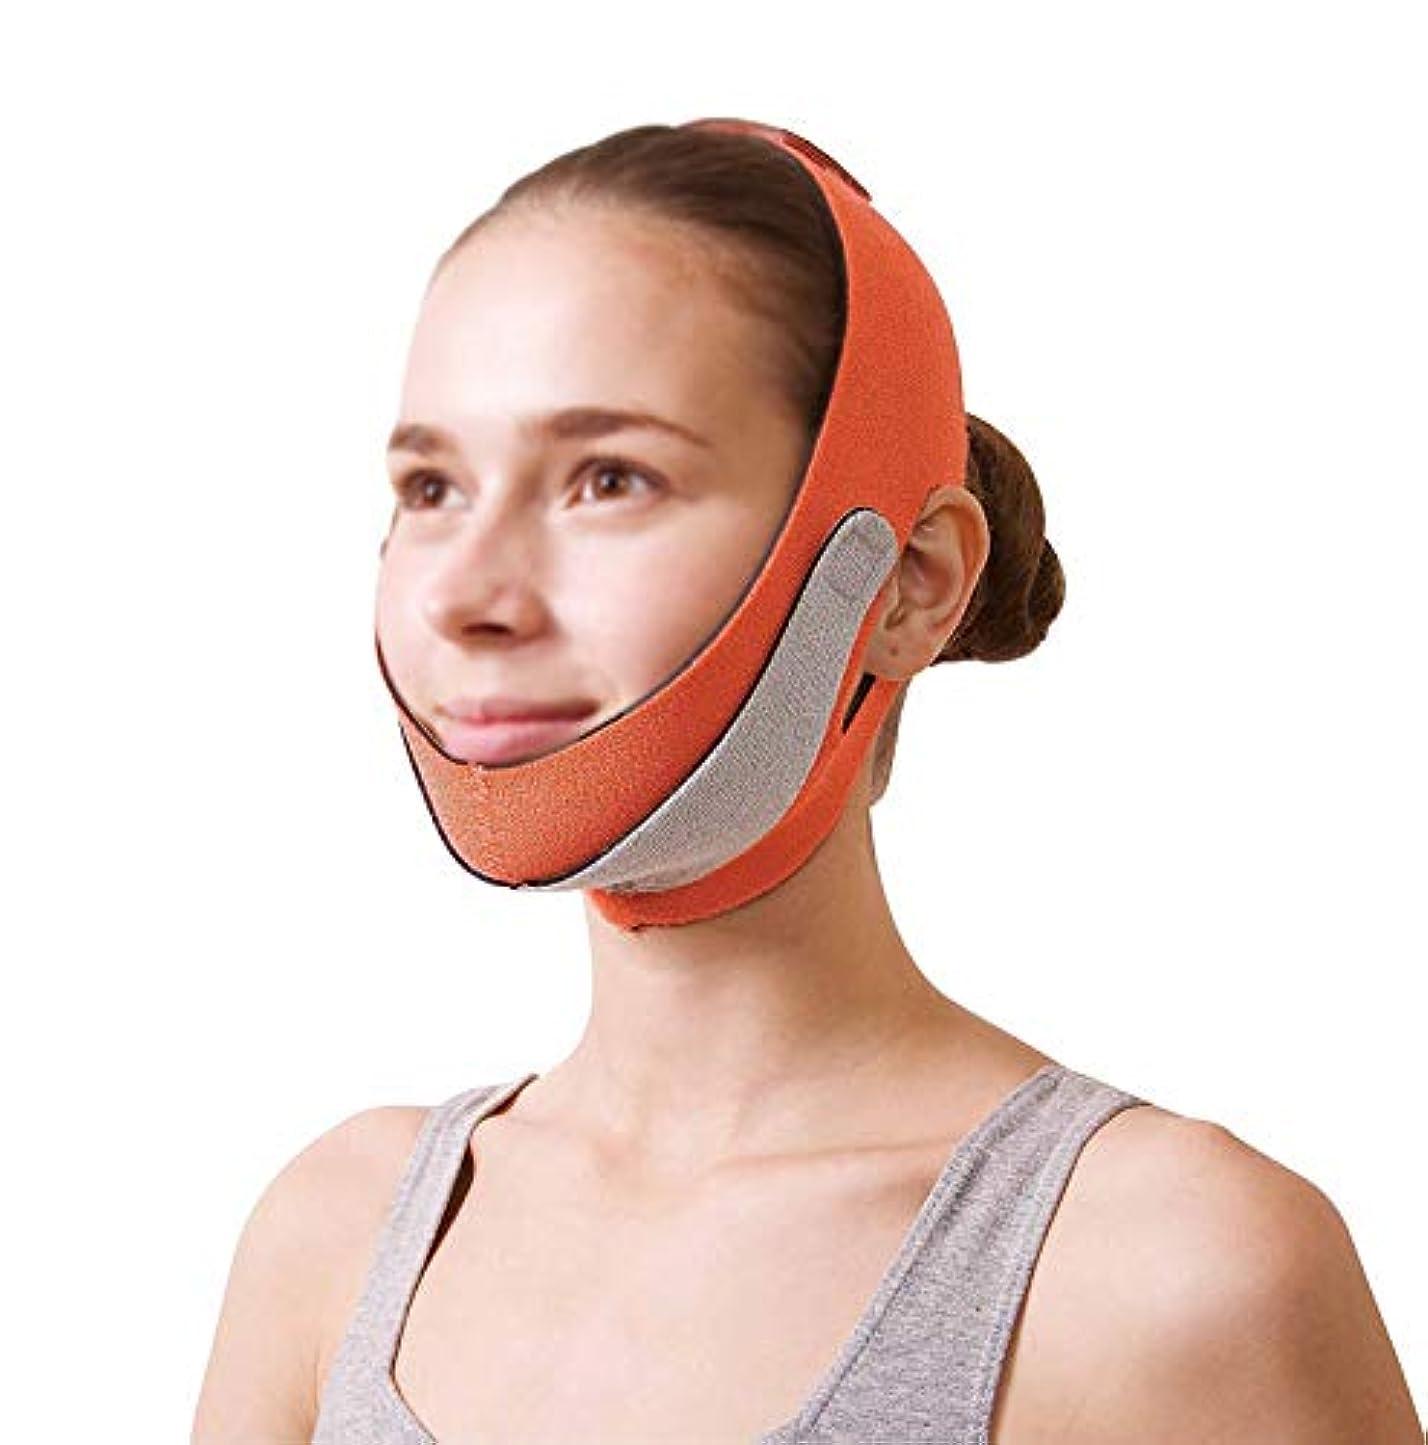 見落とす洞察力愛人GLJJQMY 薄いフェイスマスクあごストラップ回復パッチ包帯ヘッドマスクフェイシャルマスクフェイシャルマスクアーティファクト美容フェイシャルとネックリフトオレンジマスク 顔用整形マスク